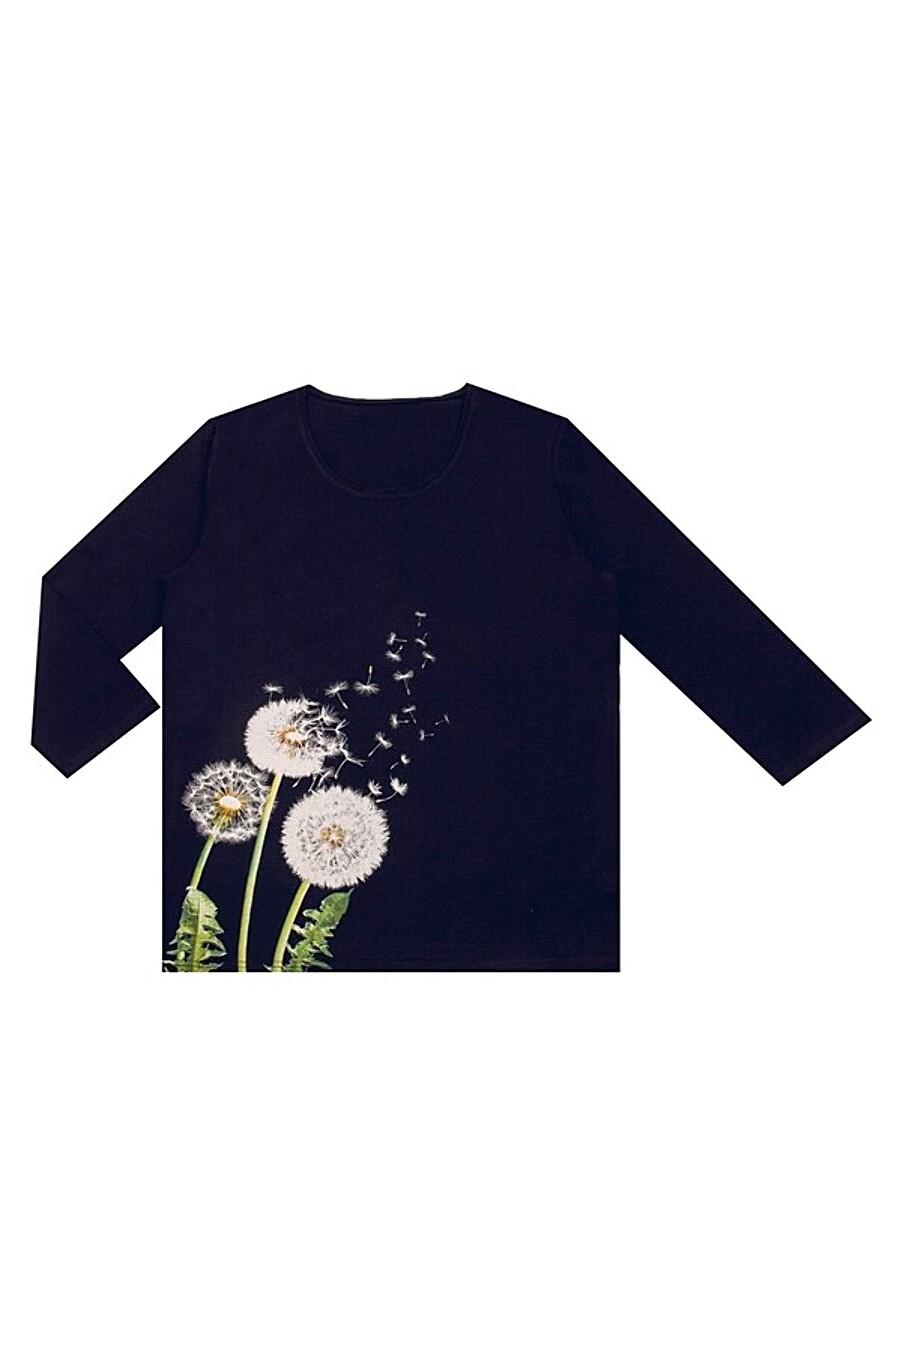 Джемпер для женщин Archi 158256 купить оптом от производителя. Совместная покупка женской одежды в OptMoyo